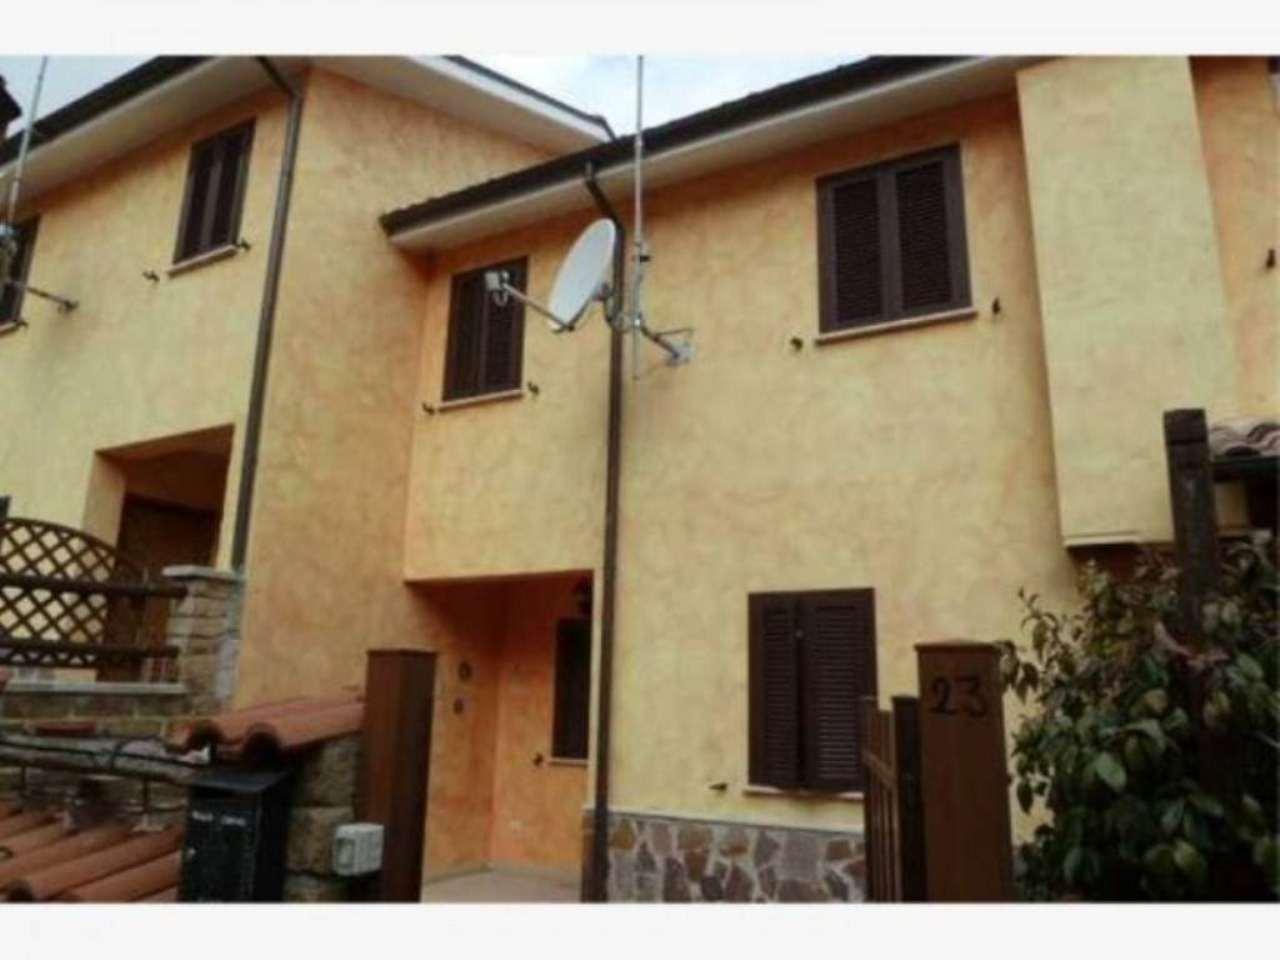 Appartamento in vendita a Rocca di Botte, 3 locali, prezzo € 135.000 | Cambio Casa.it